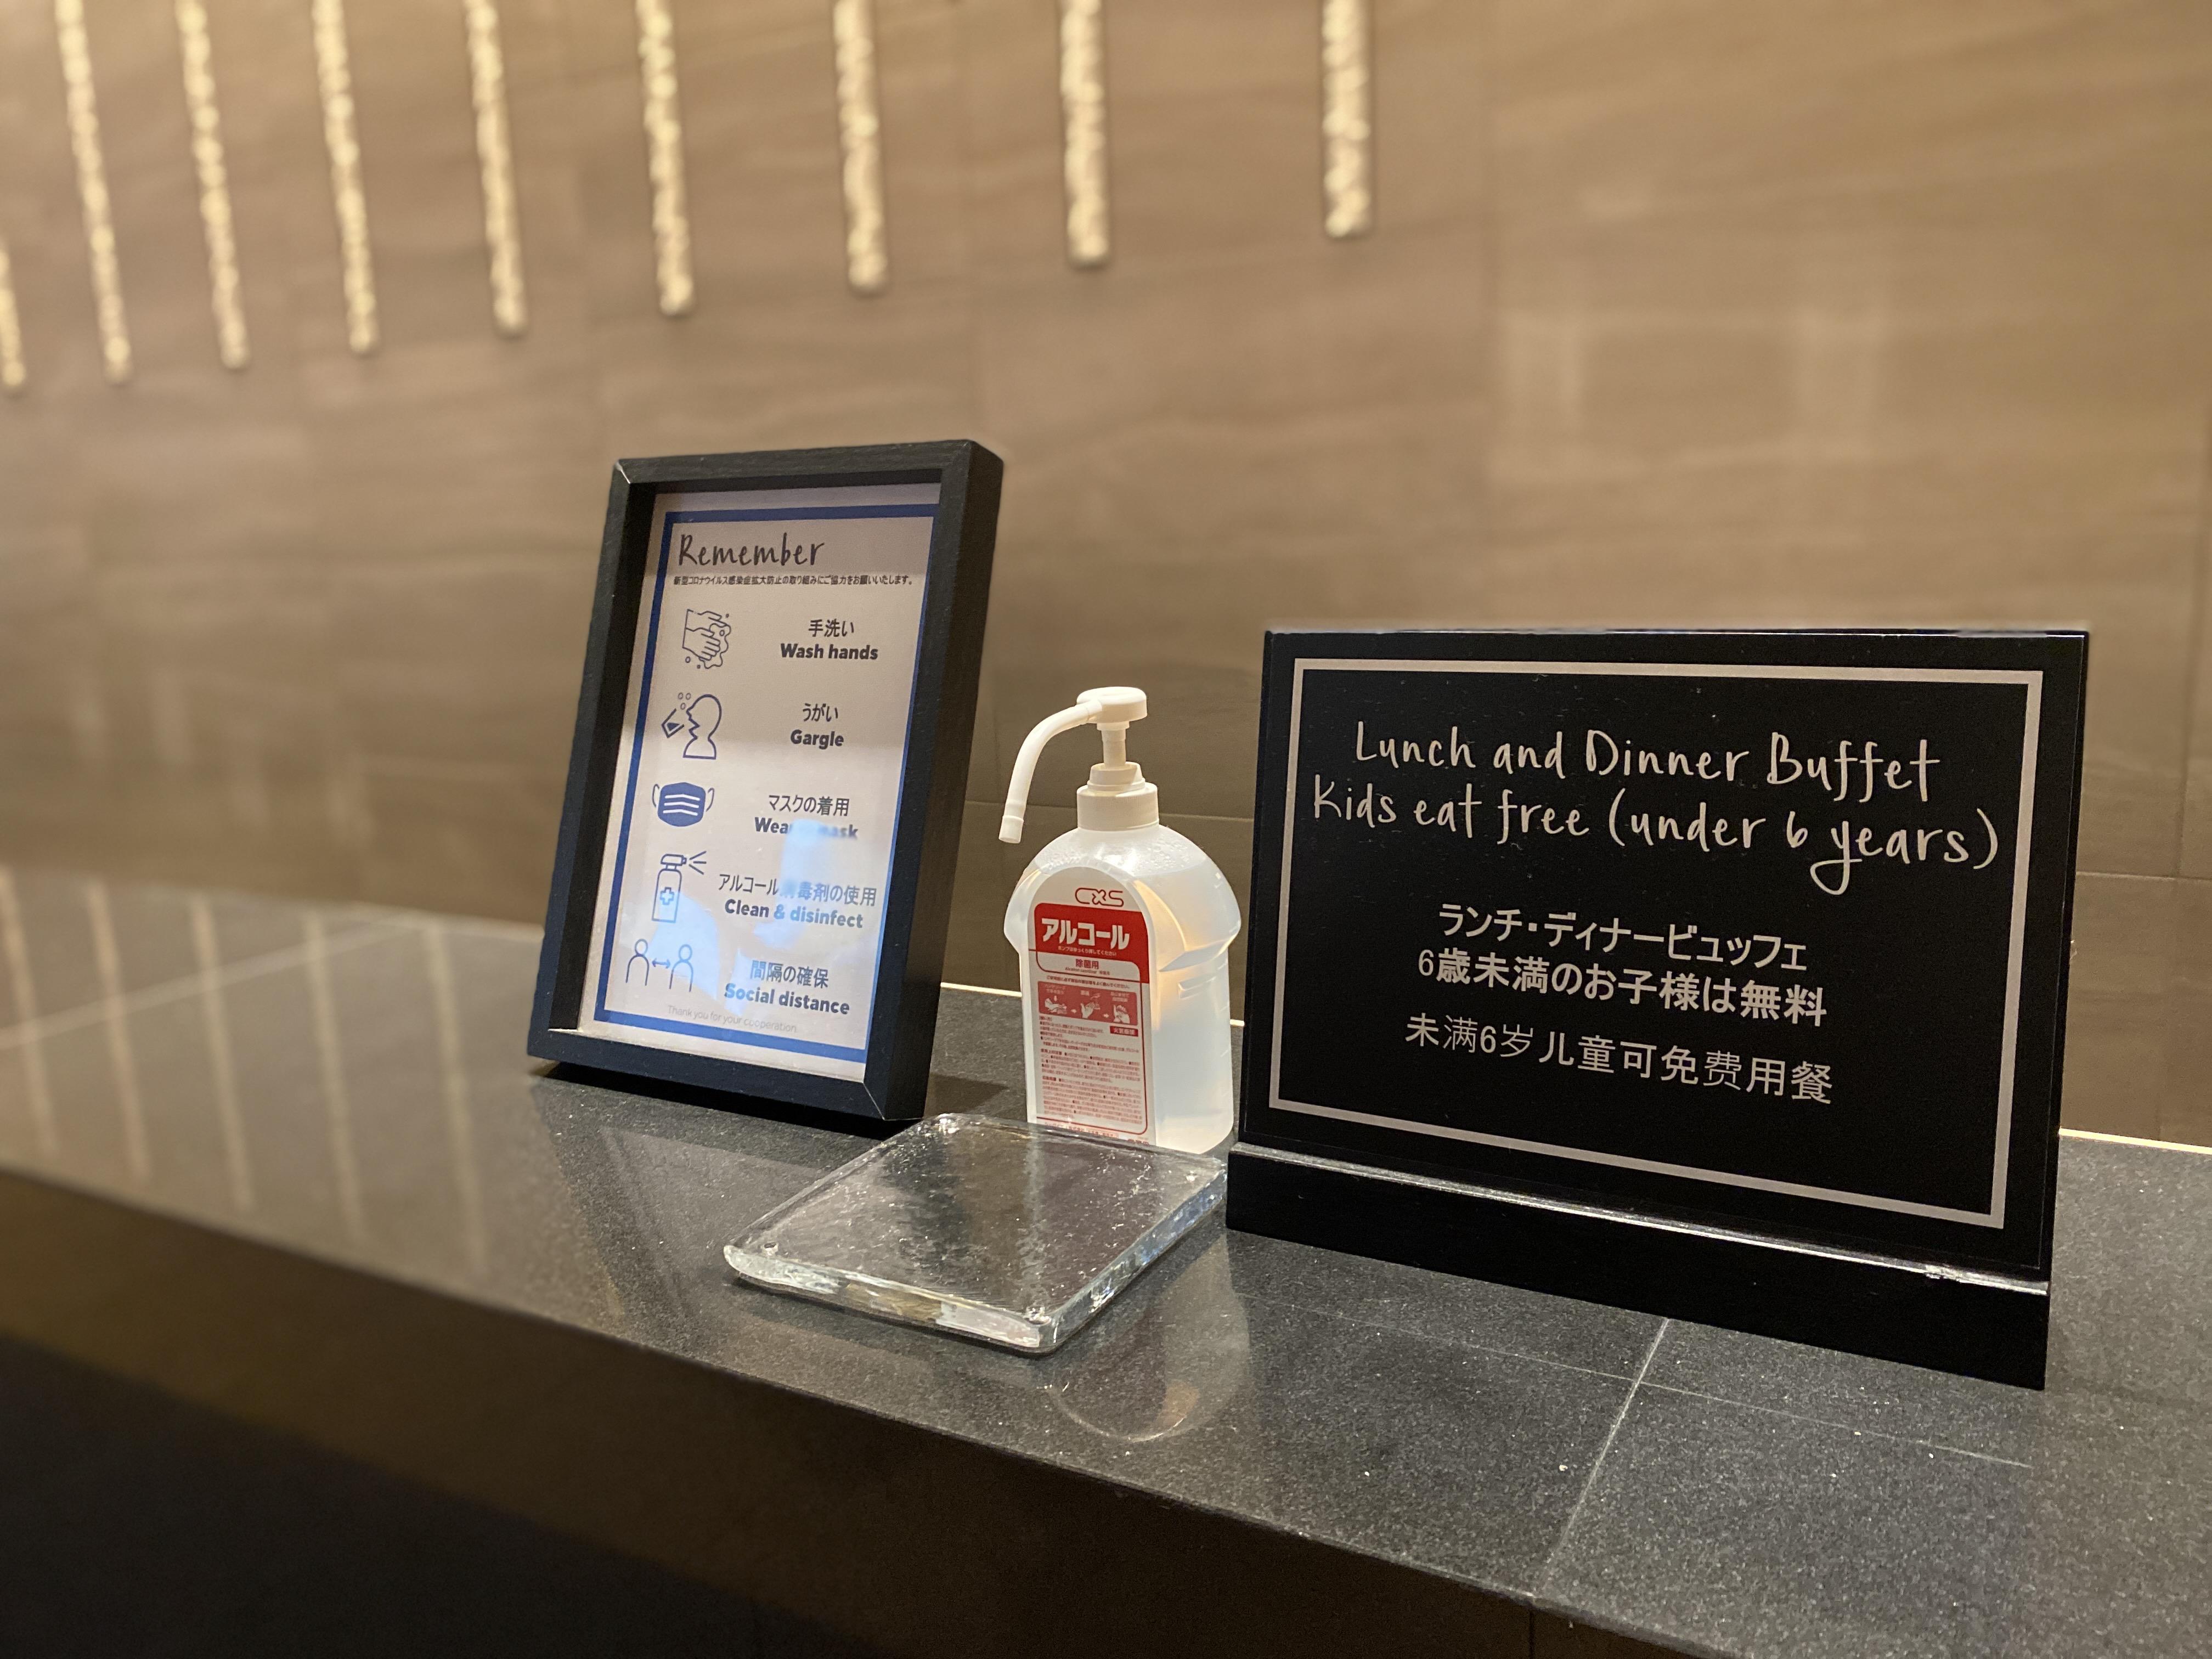 夏のお出かけに、「ヒルトン名古屋」で安心安全で快適なホテル体験はいかが? - 0634346C CABE 4F3F 8261 9EAF59AFE010